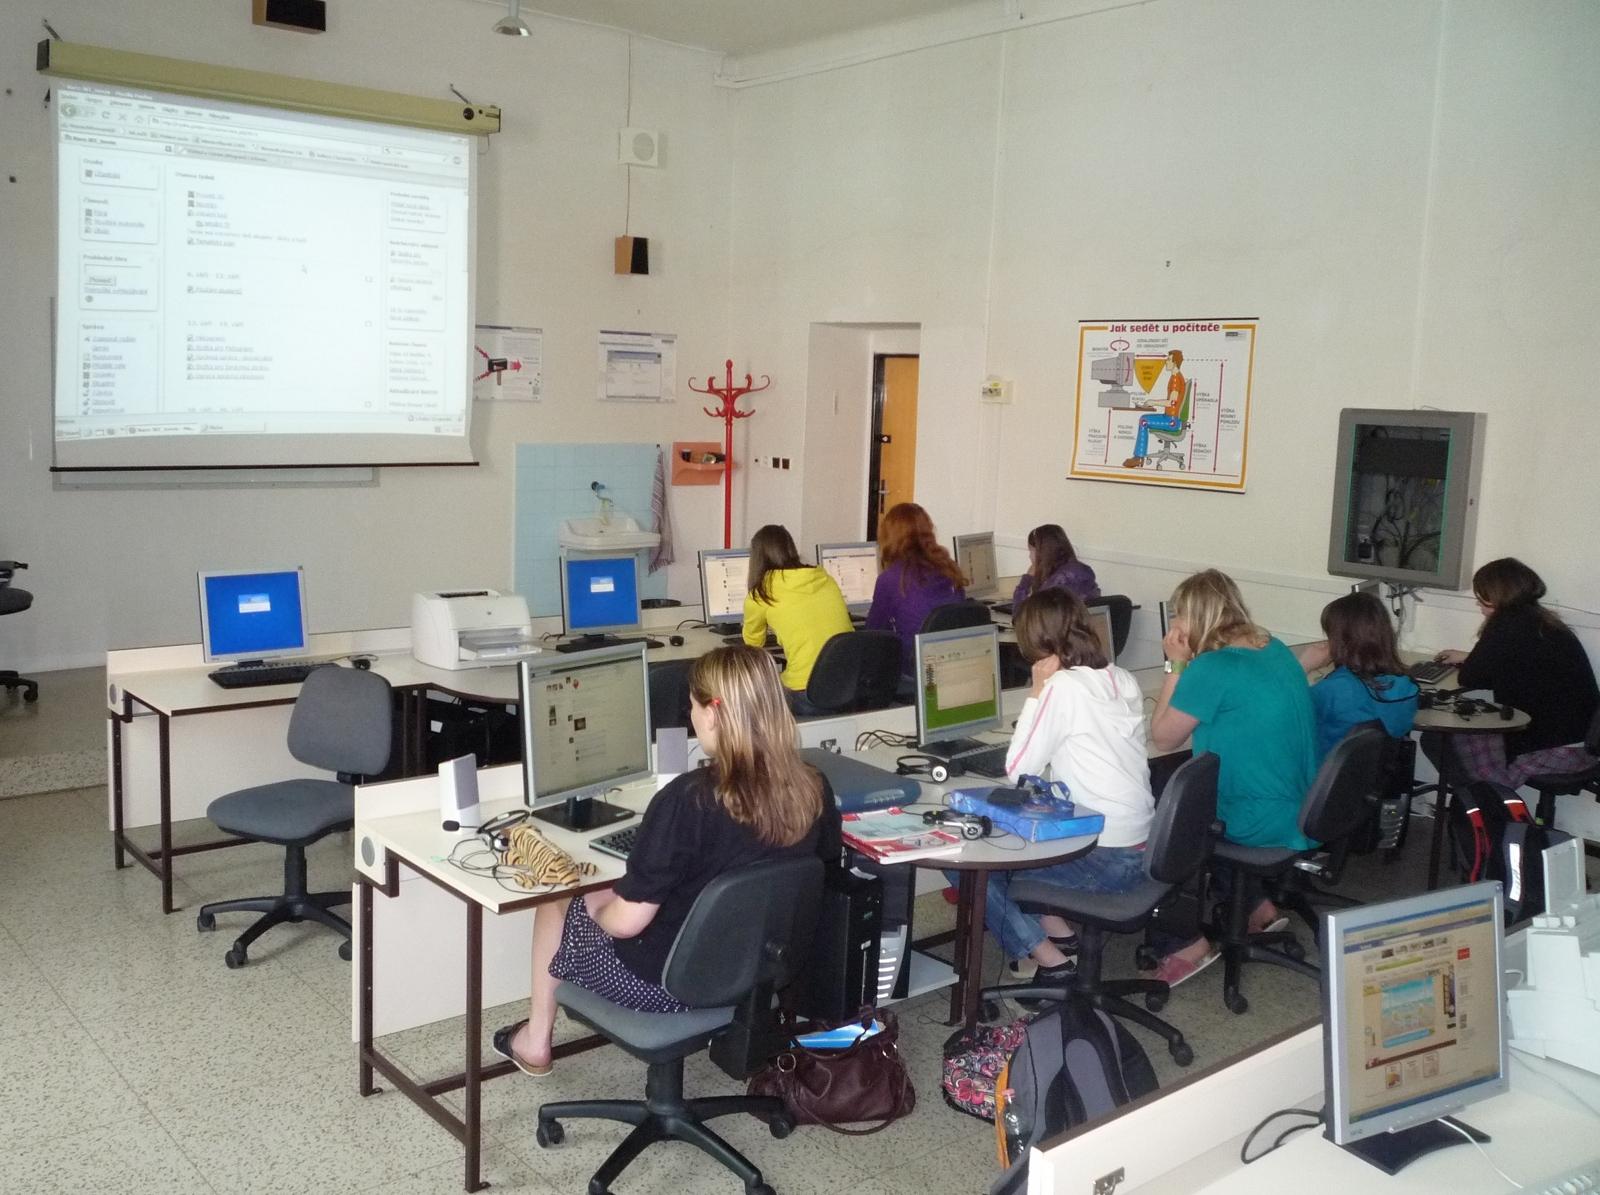 Učebna IVT1 s OS Windows; na plátně elearningový portál školy (Moodle)